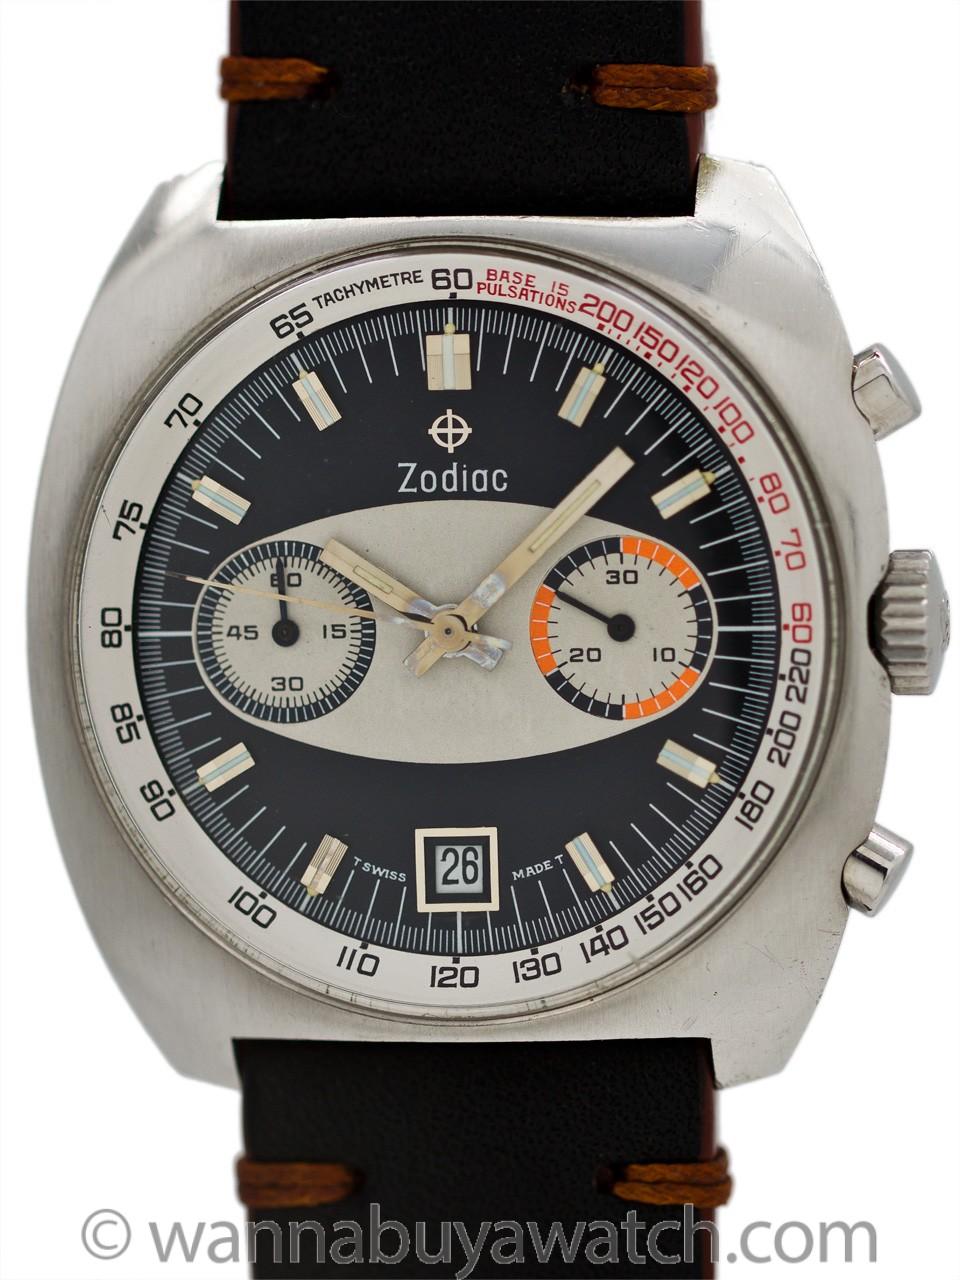 Zodiac Chronograph Race Track Dial circa 1970